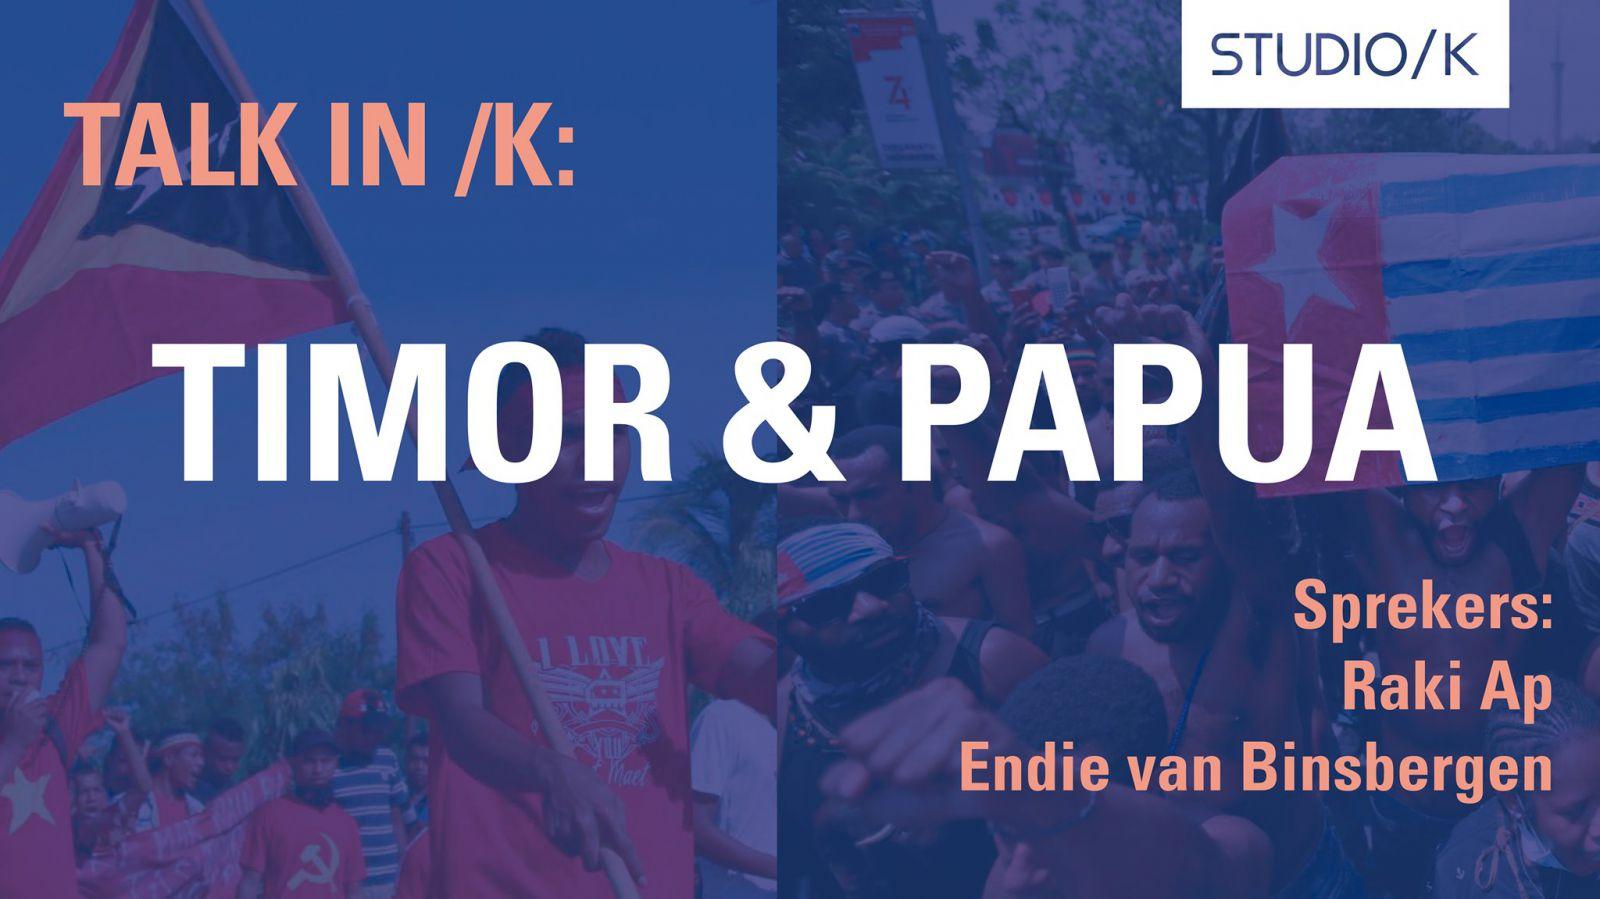 Talk in /K: Timor & Papua